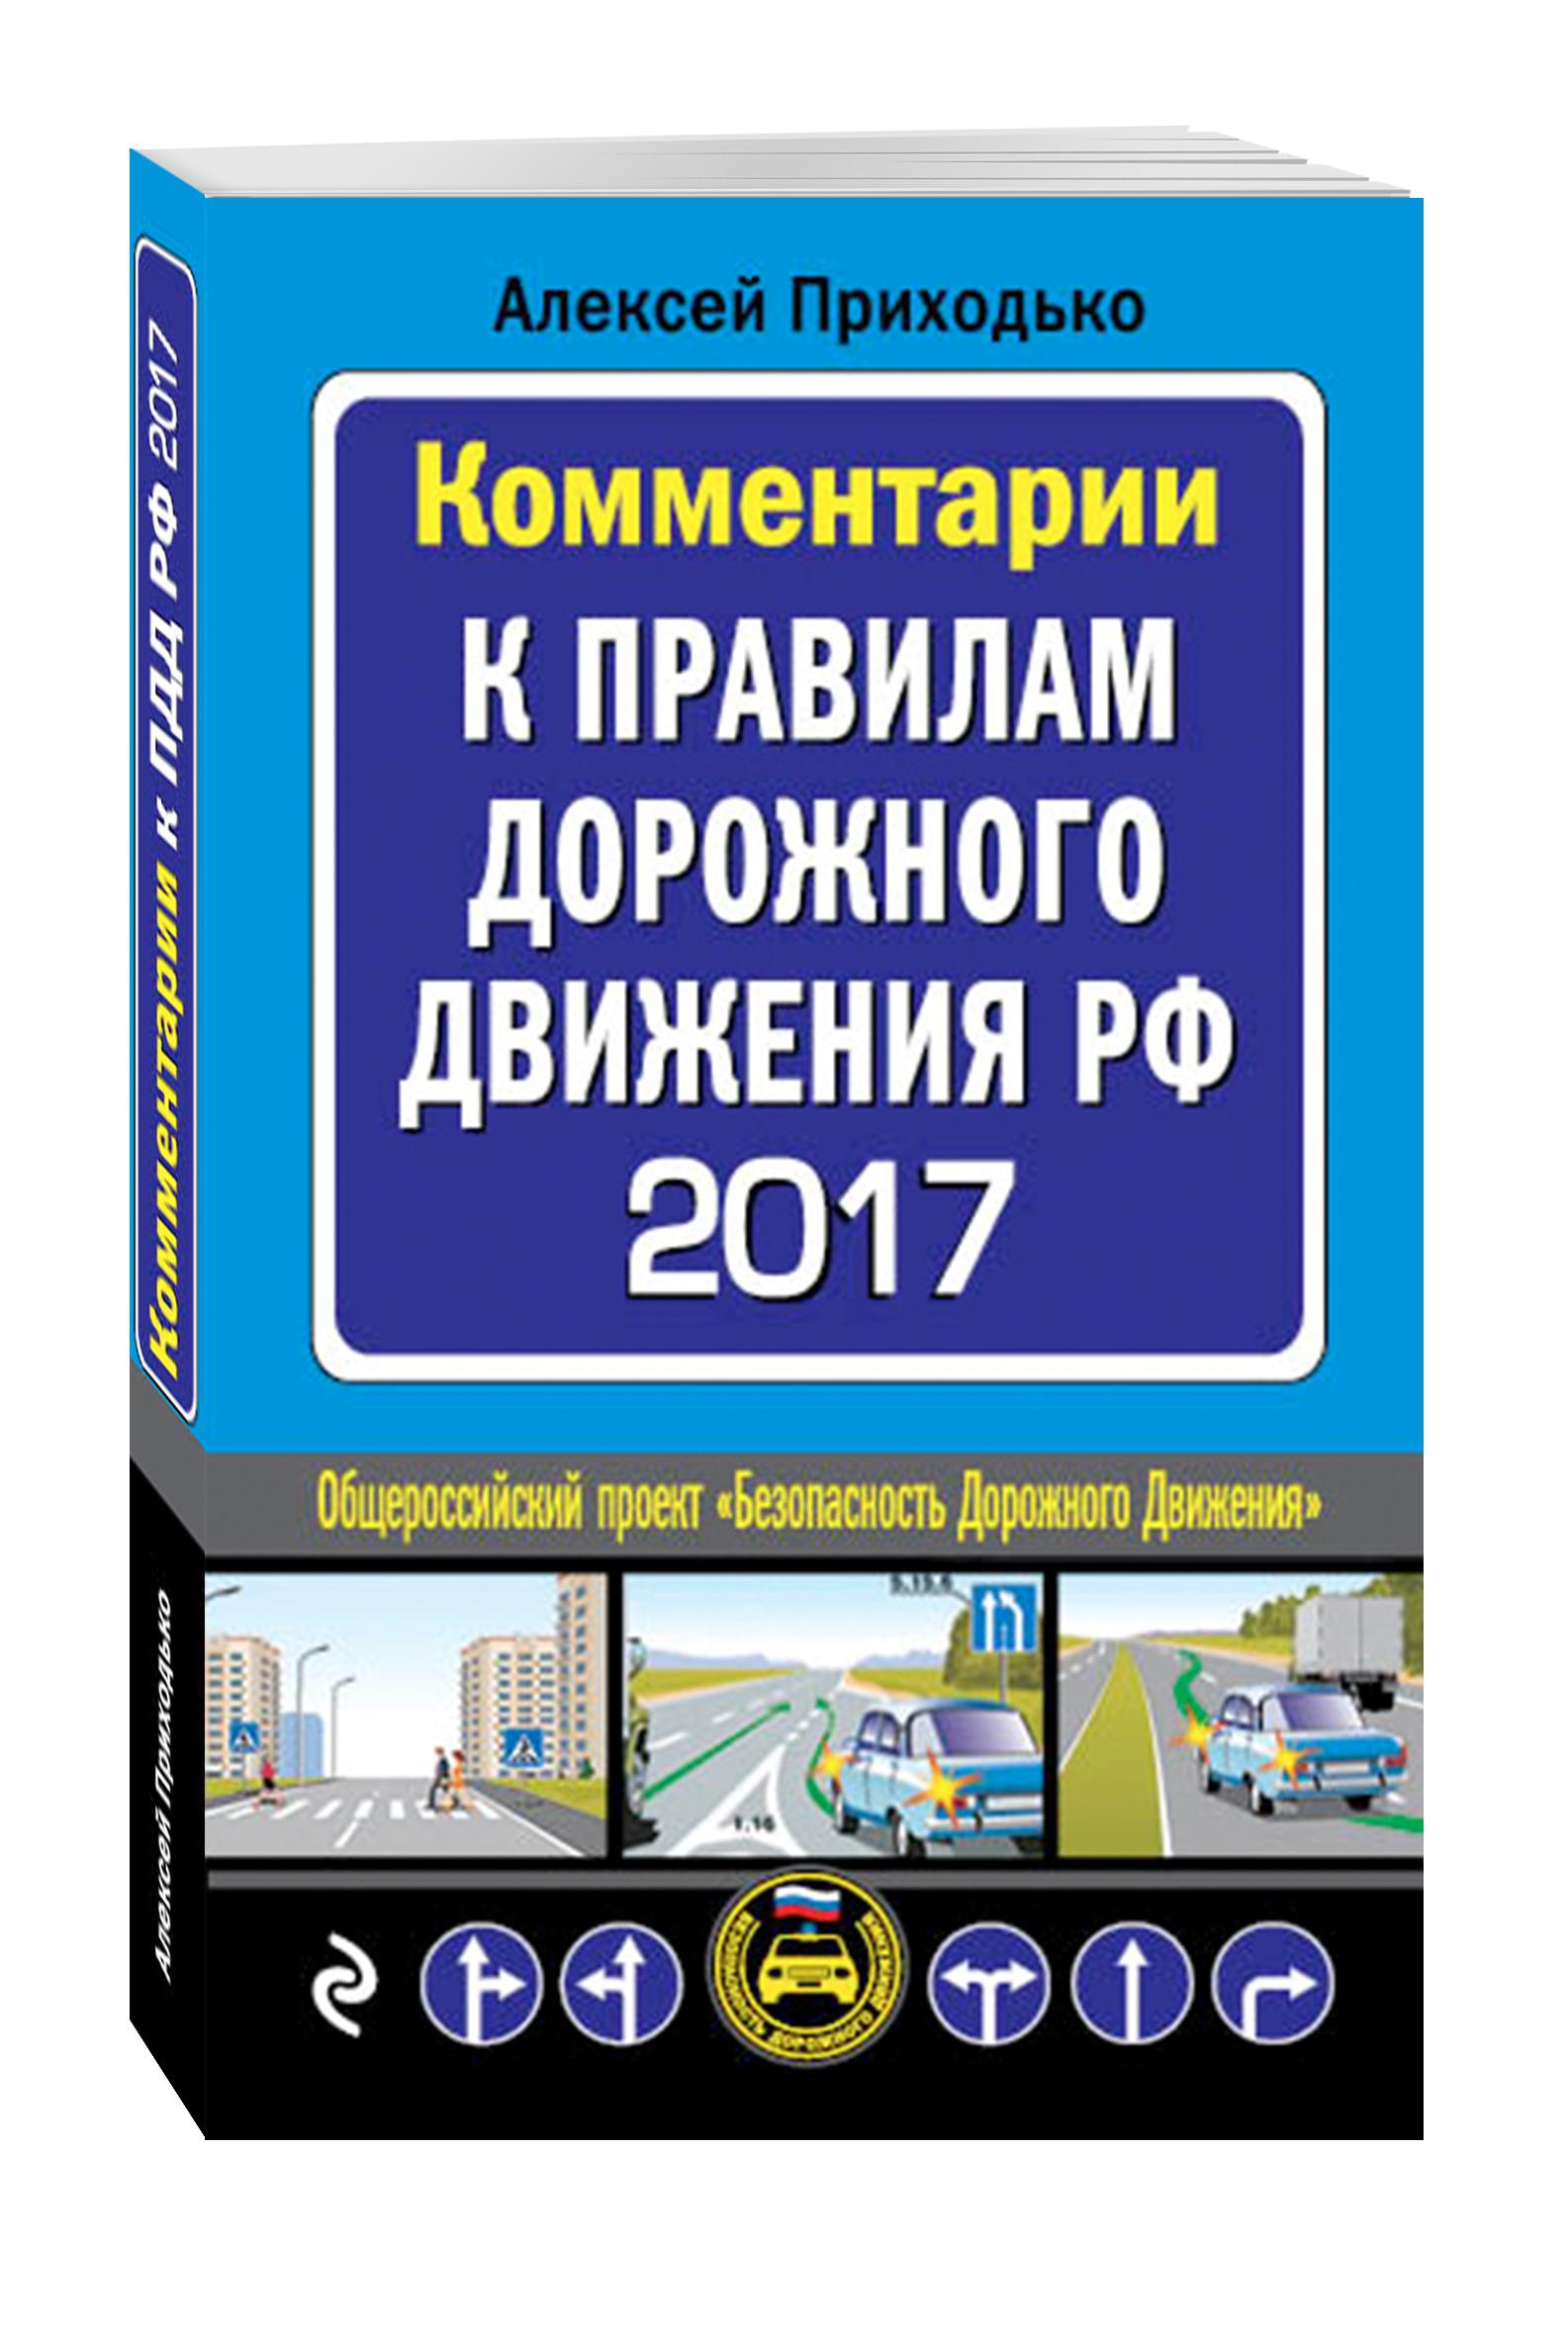 Приходько А.М. Комментарии к Правилам дорожного движения РФ с последними изменениями на 2017 год алексей приходько комментарии к правилам дорожного движения рф на 2015 год